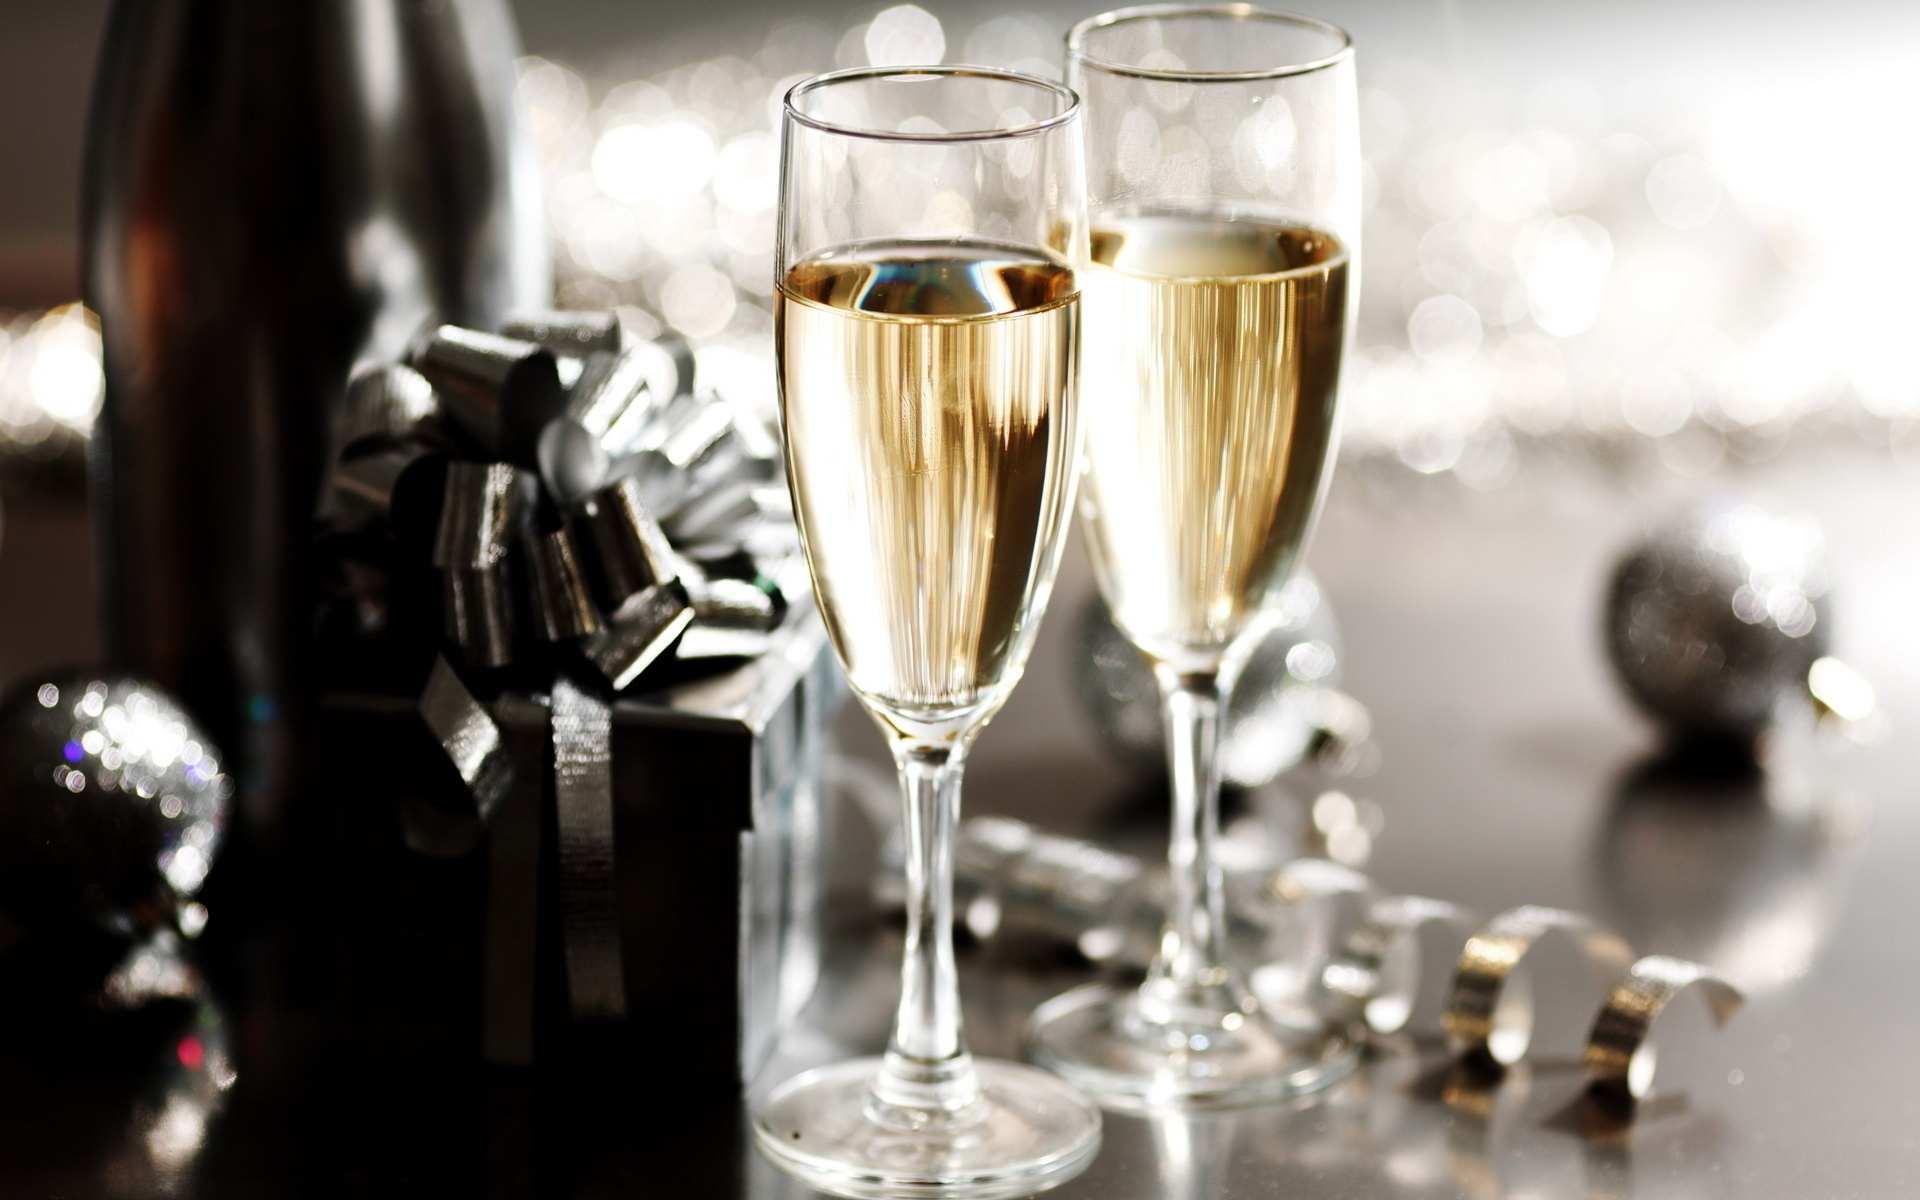 Шампанское из Новороссийска дважды засветилось на вершине рейтингов Роскачества